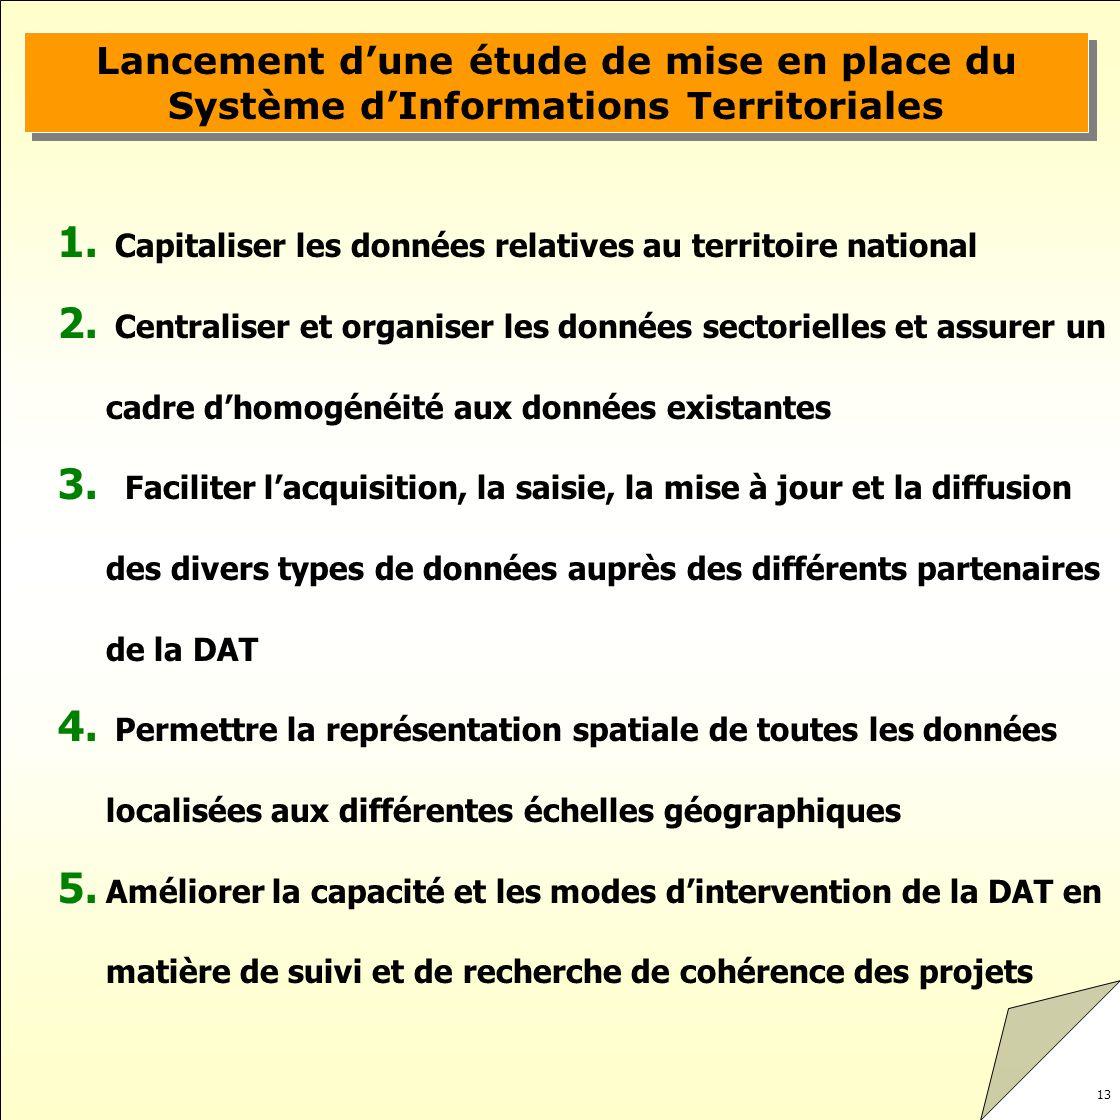 Lancement d'une étude de mise en place du Système d'Informations Territoriales